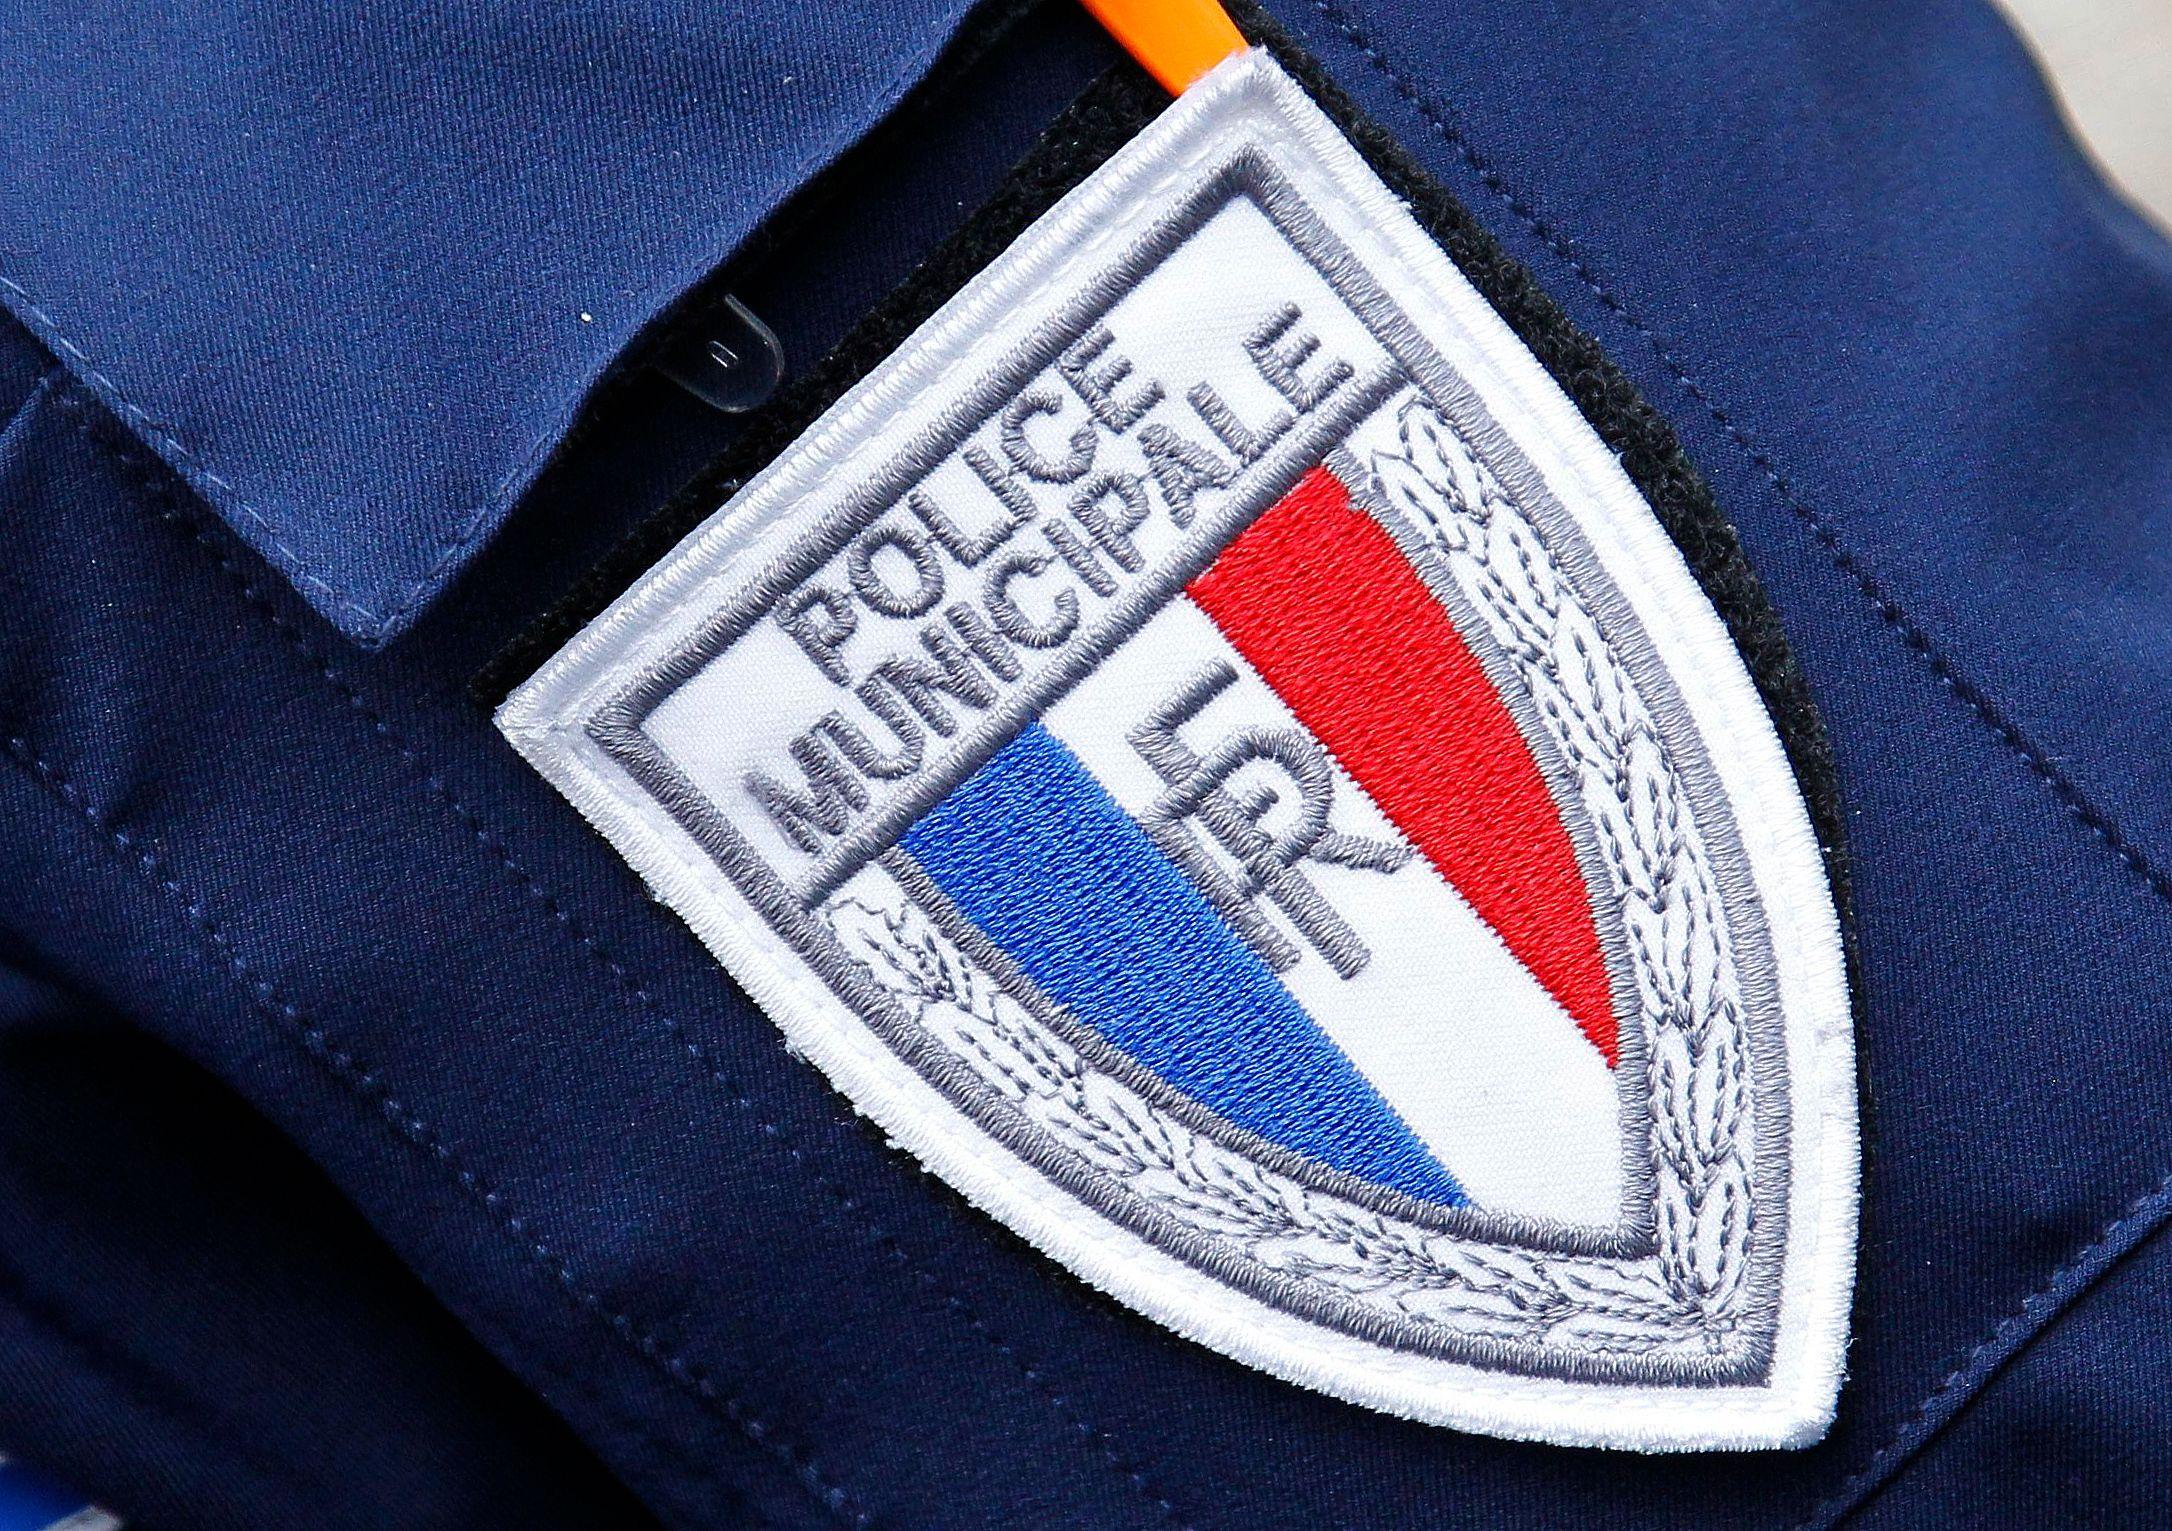 A Nice, des policiers municipaux gardent des écoles primaires